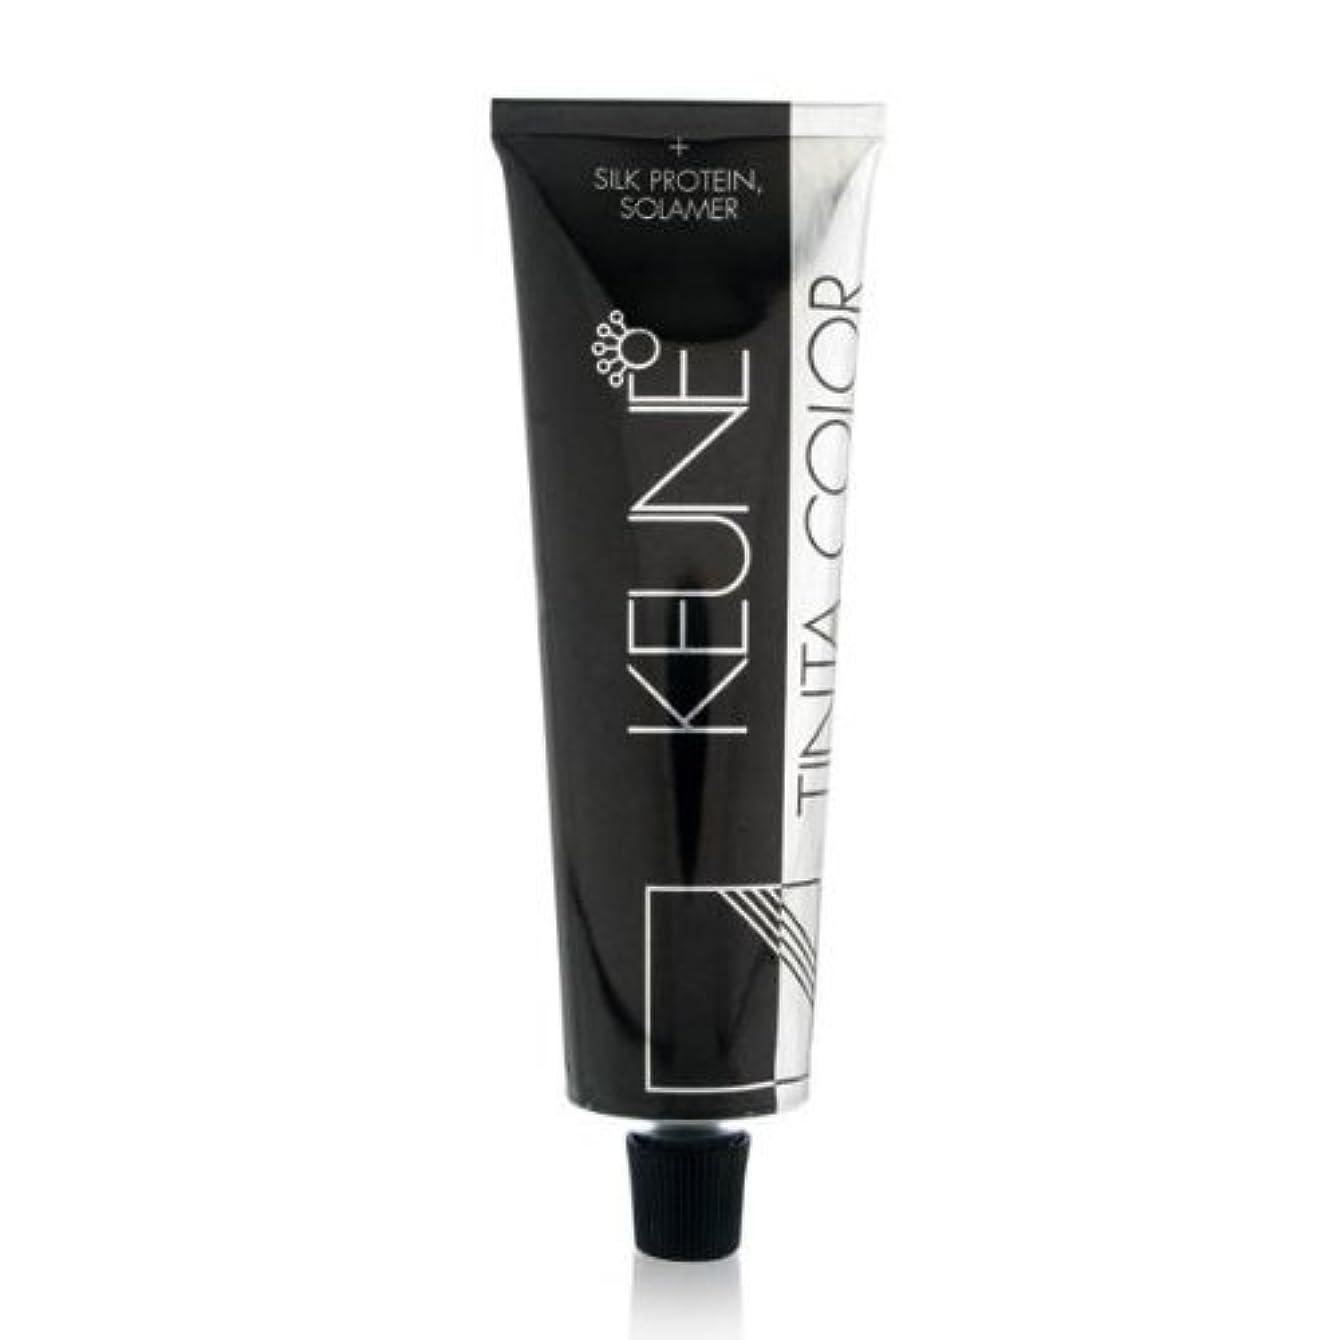 ありがたい伝染病下るKeune Tinta Color + Silk Protein Hair Color 10 Lightest Blonde by Keune [並行輸入品]